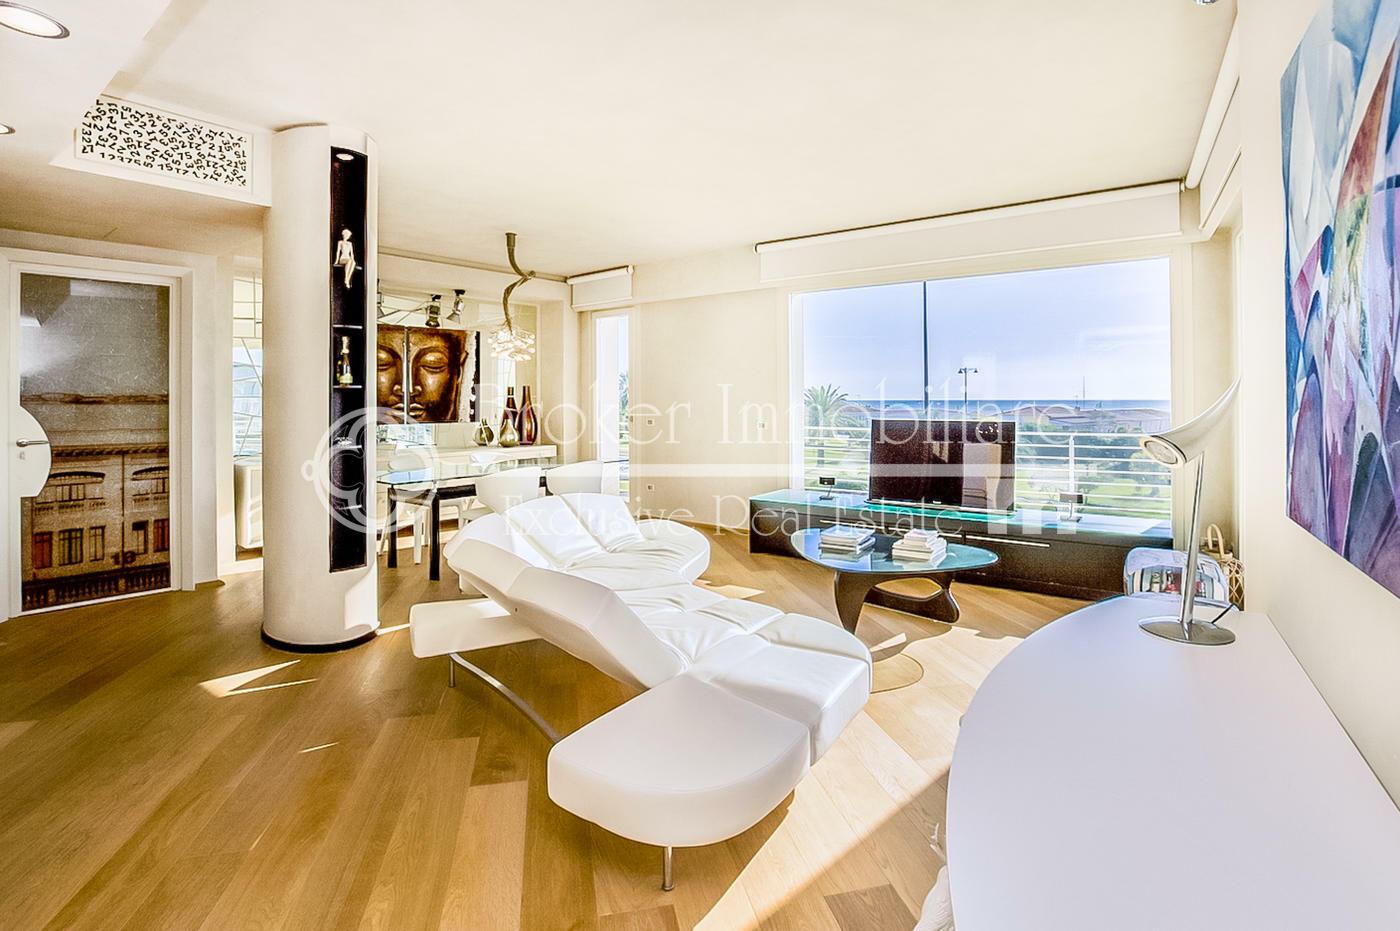 Esclusivo attico con terrazza vista mare in vendita a Viareggio